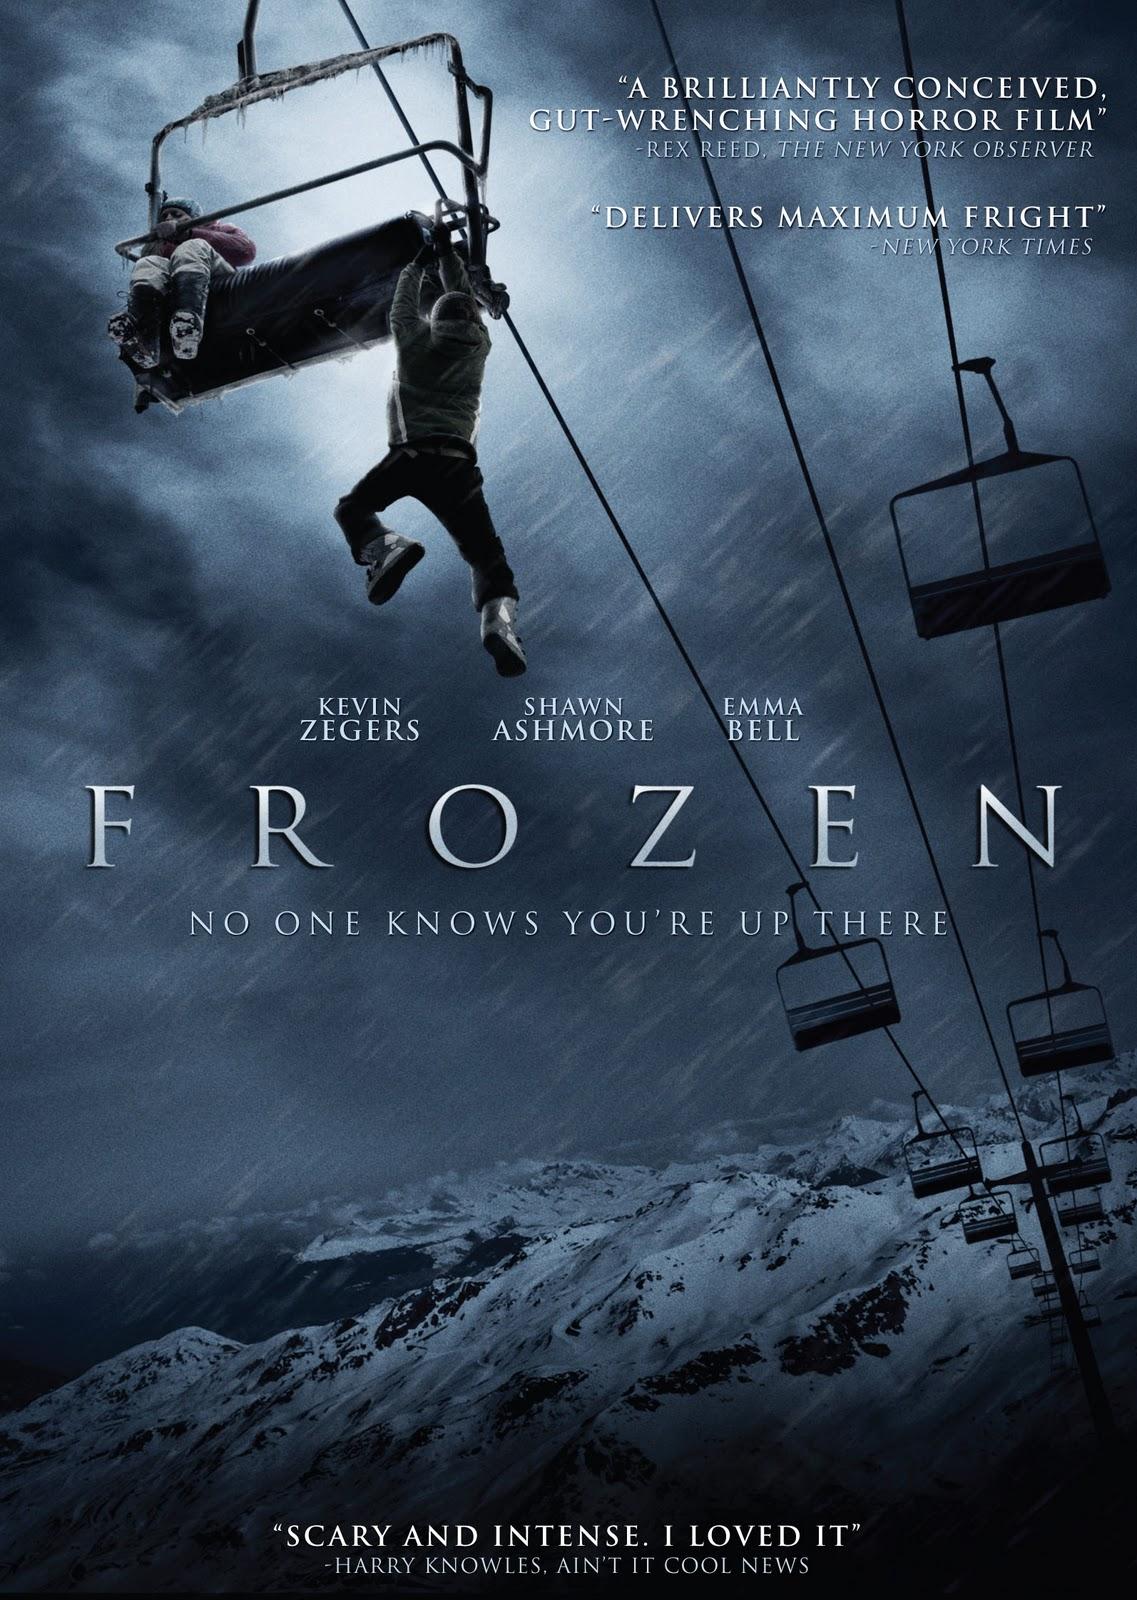 Frozen Horrorfilm